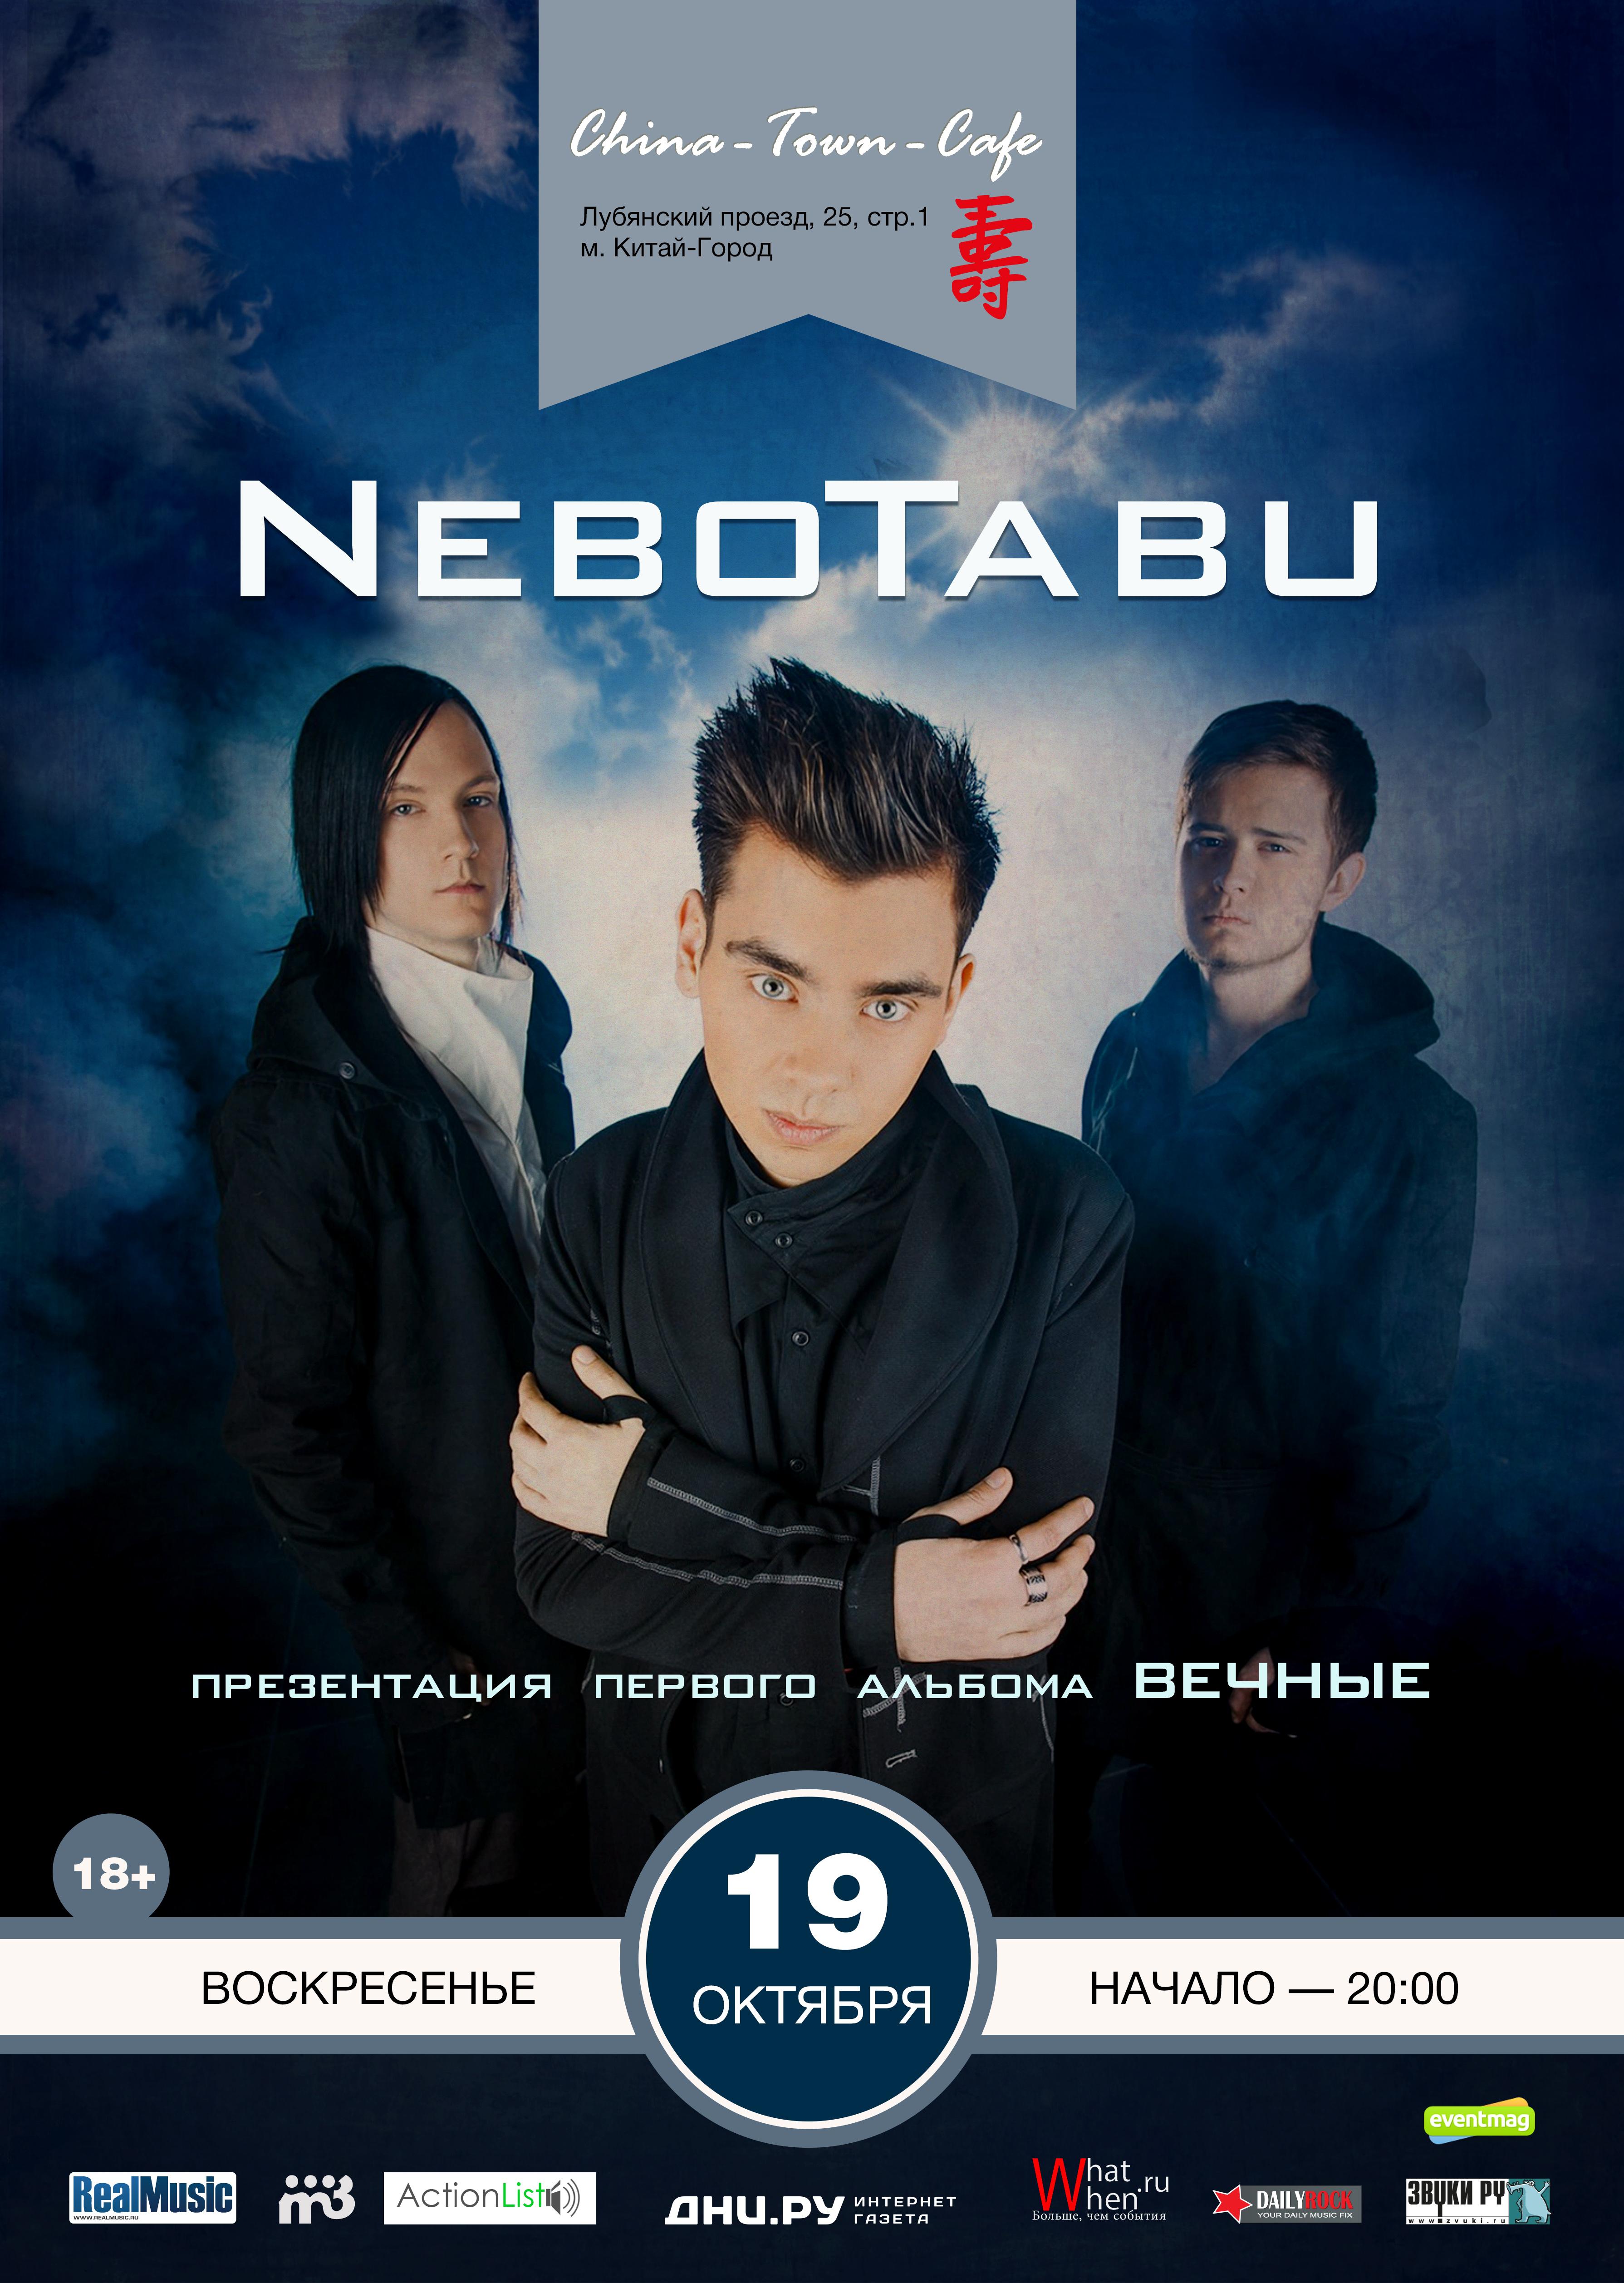 Группа NeboTabu презентуют альбом Вечные в China-Town-Café